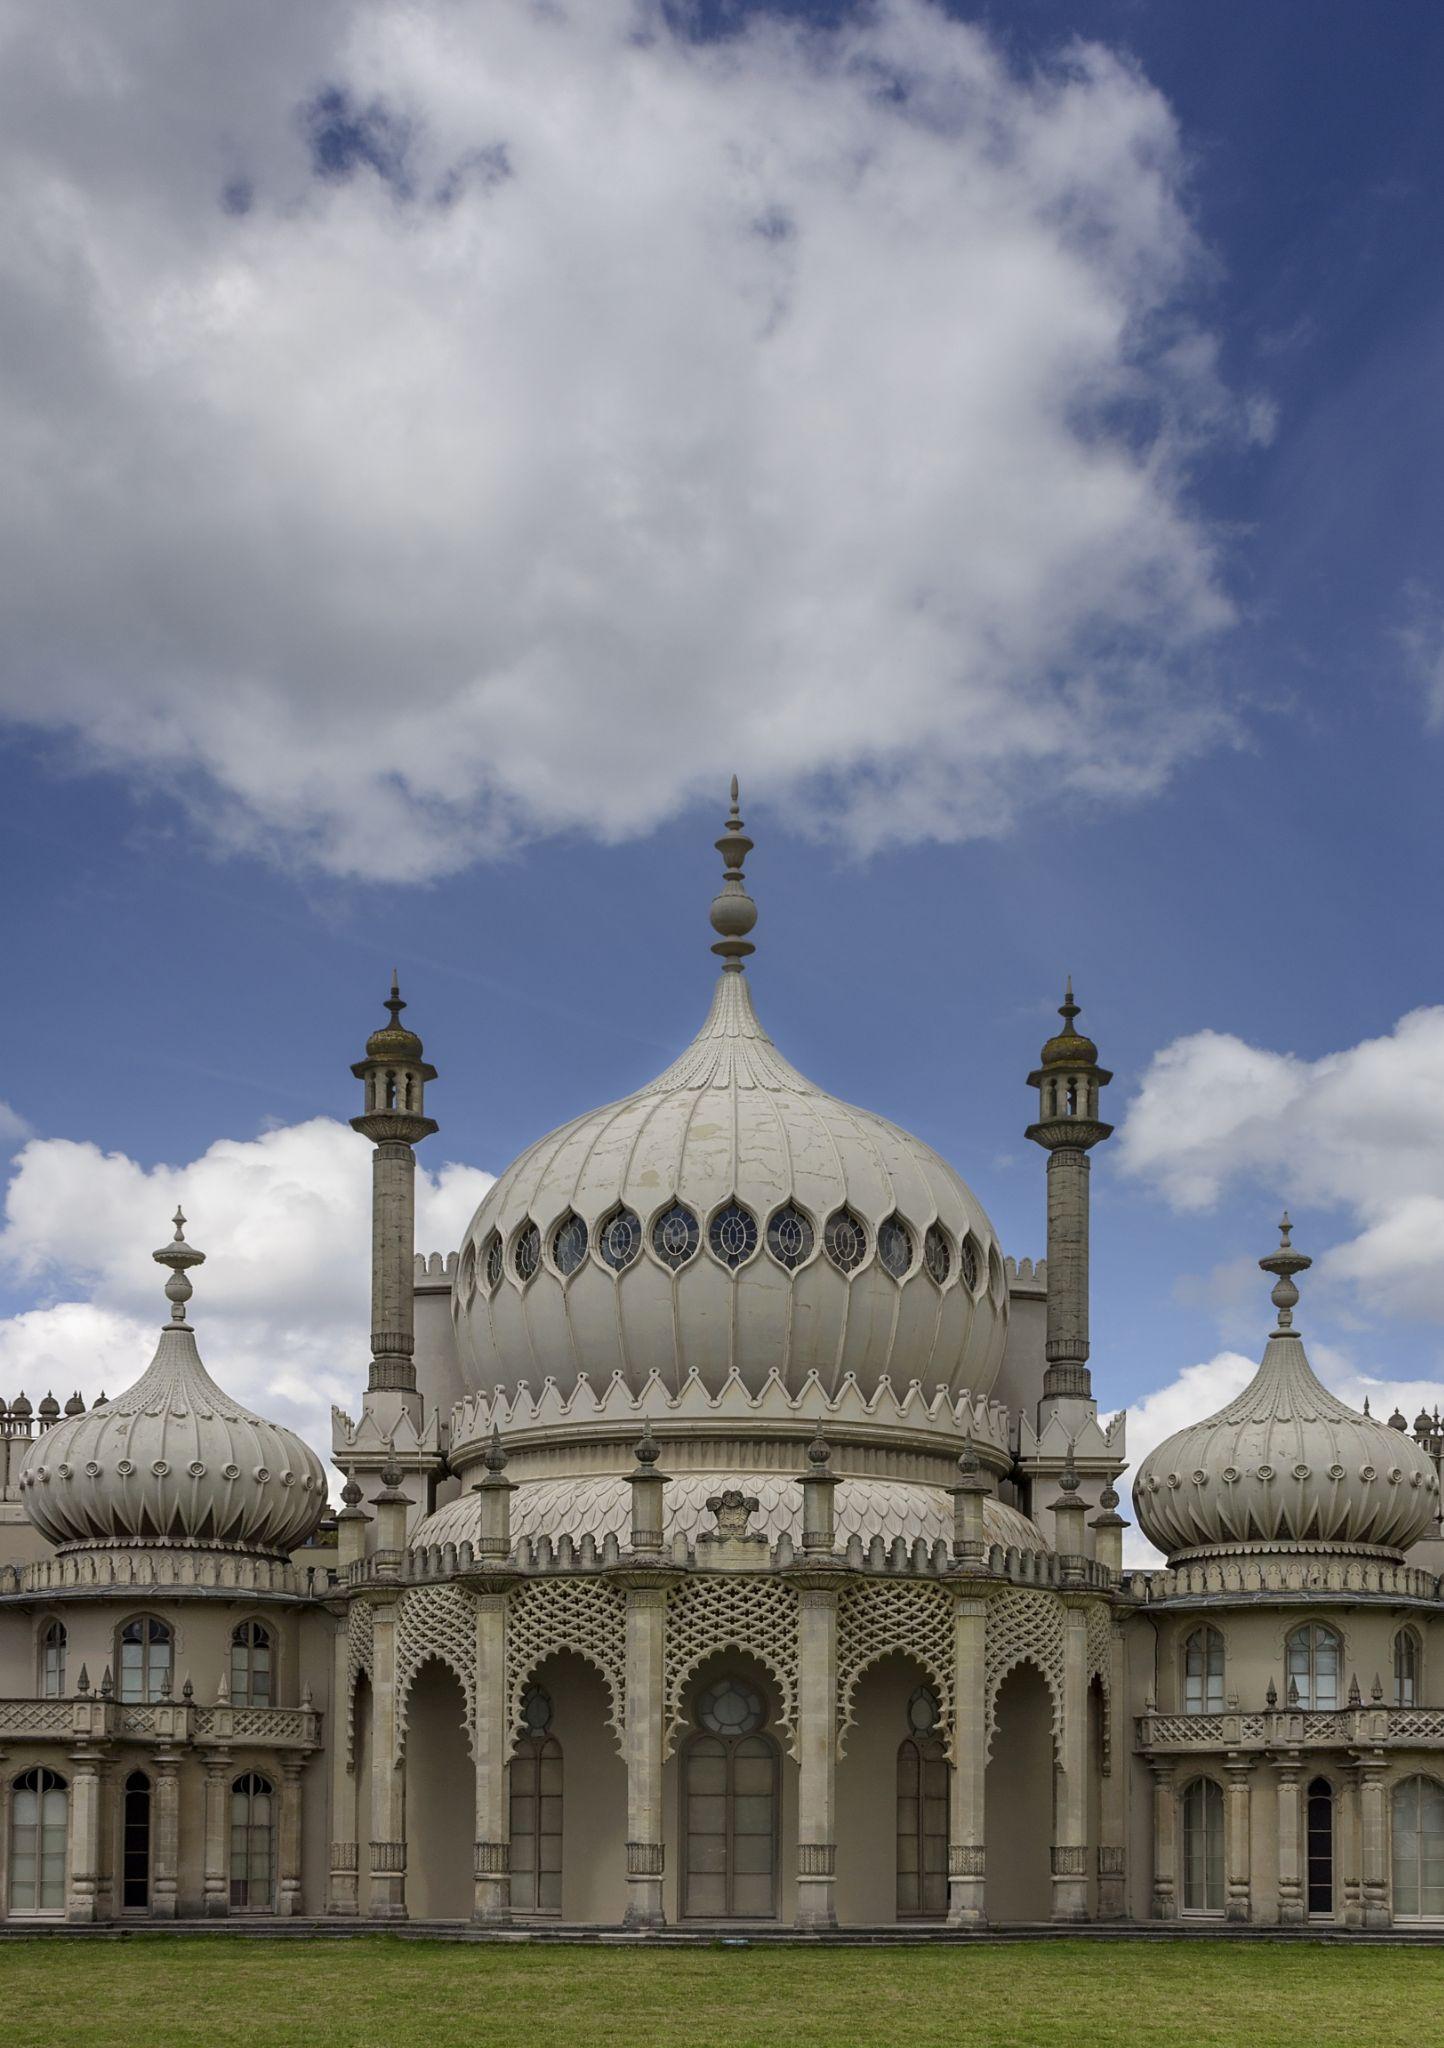 Brighton Pavillion  by tonyrabina